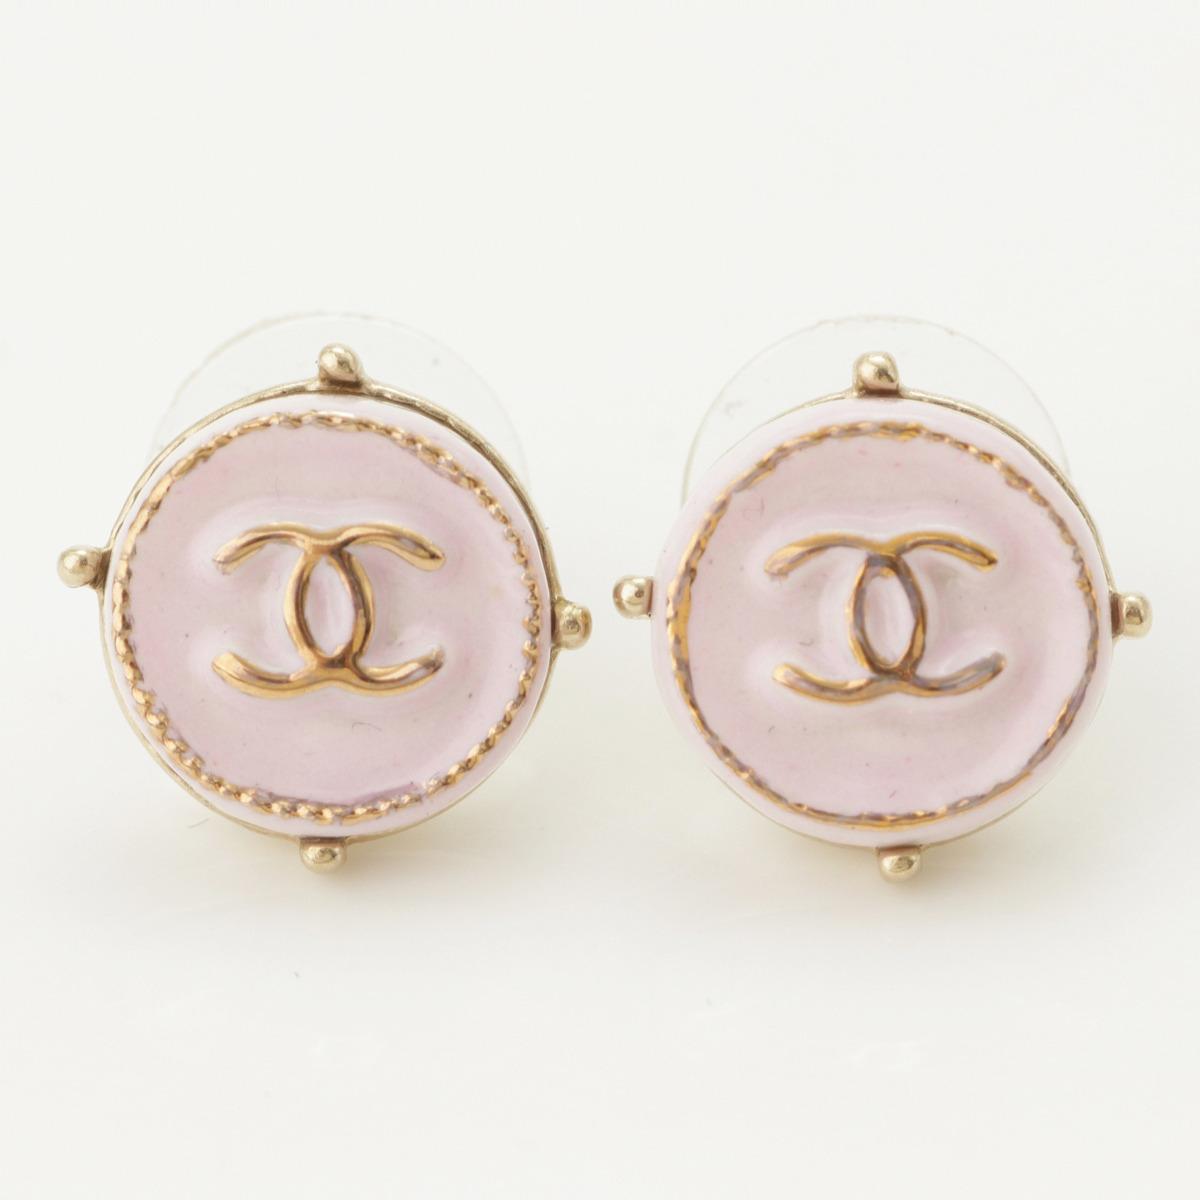 【シャネル】Chanel A19C ココマーク ラウンド ピアス AB0722 ピンク 【中古】【鑑定済・正規品保証】62462